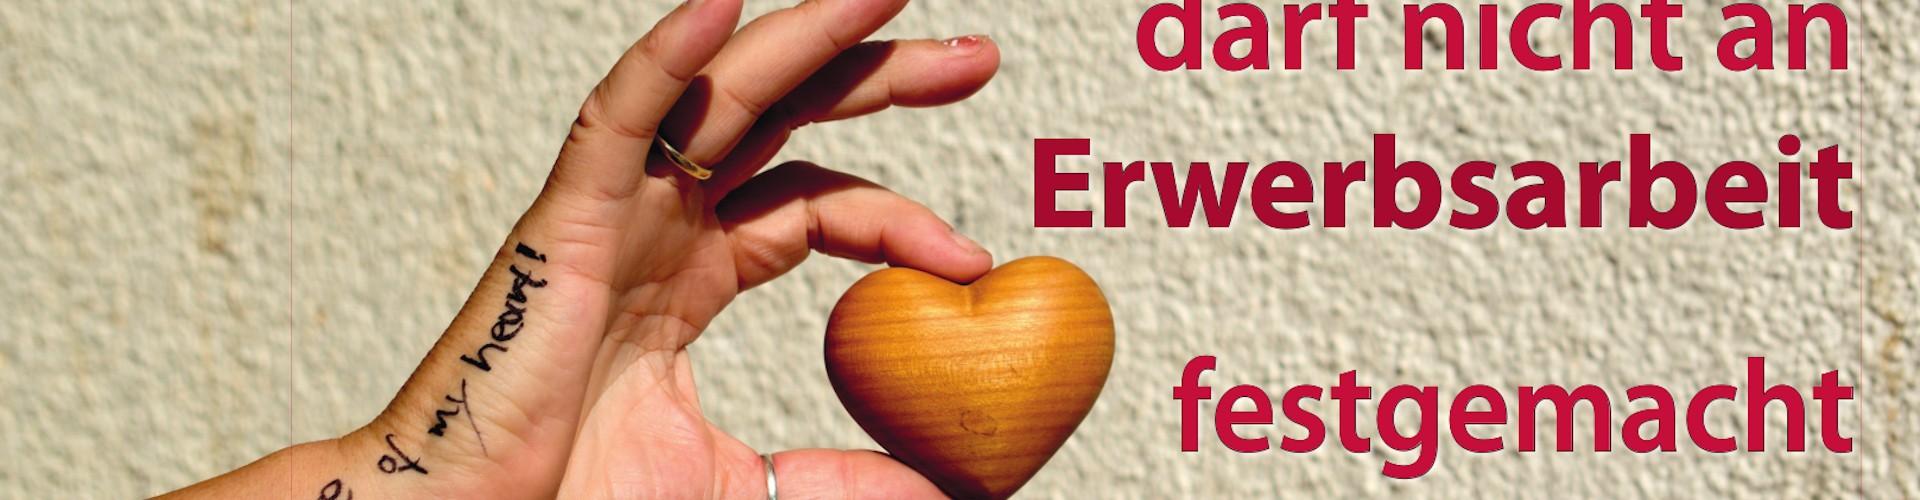 Eine Hand mit einem Holzherz zwischen Zeigefinger und Daumen. Auf der Hand der Text Take care of my heart! Daneben der Text: Die Würde eines Menschen darf nicht an Erwerbsarbeit festgemacht werden